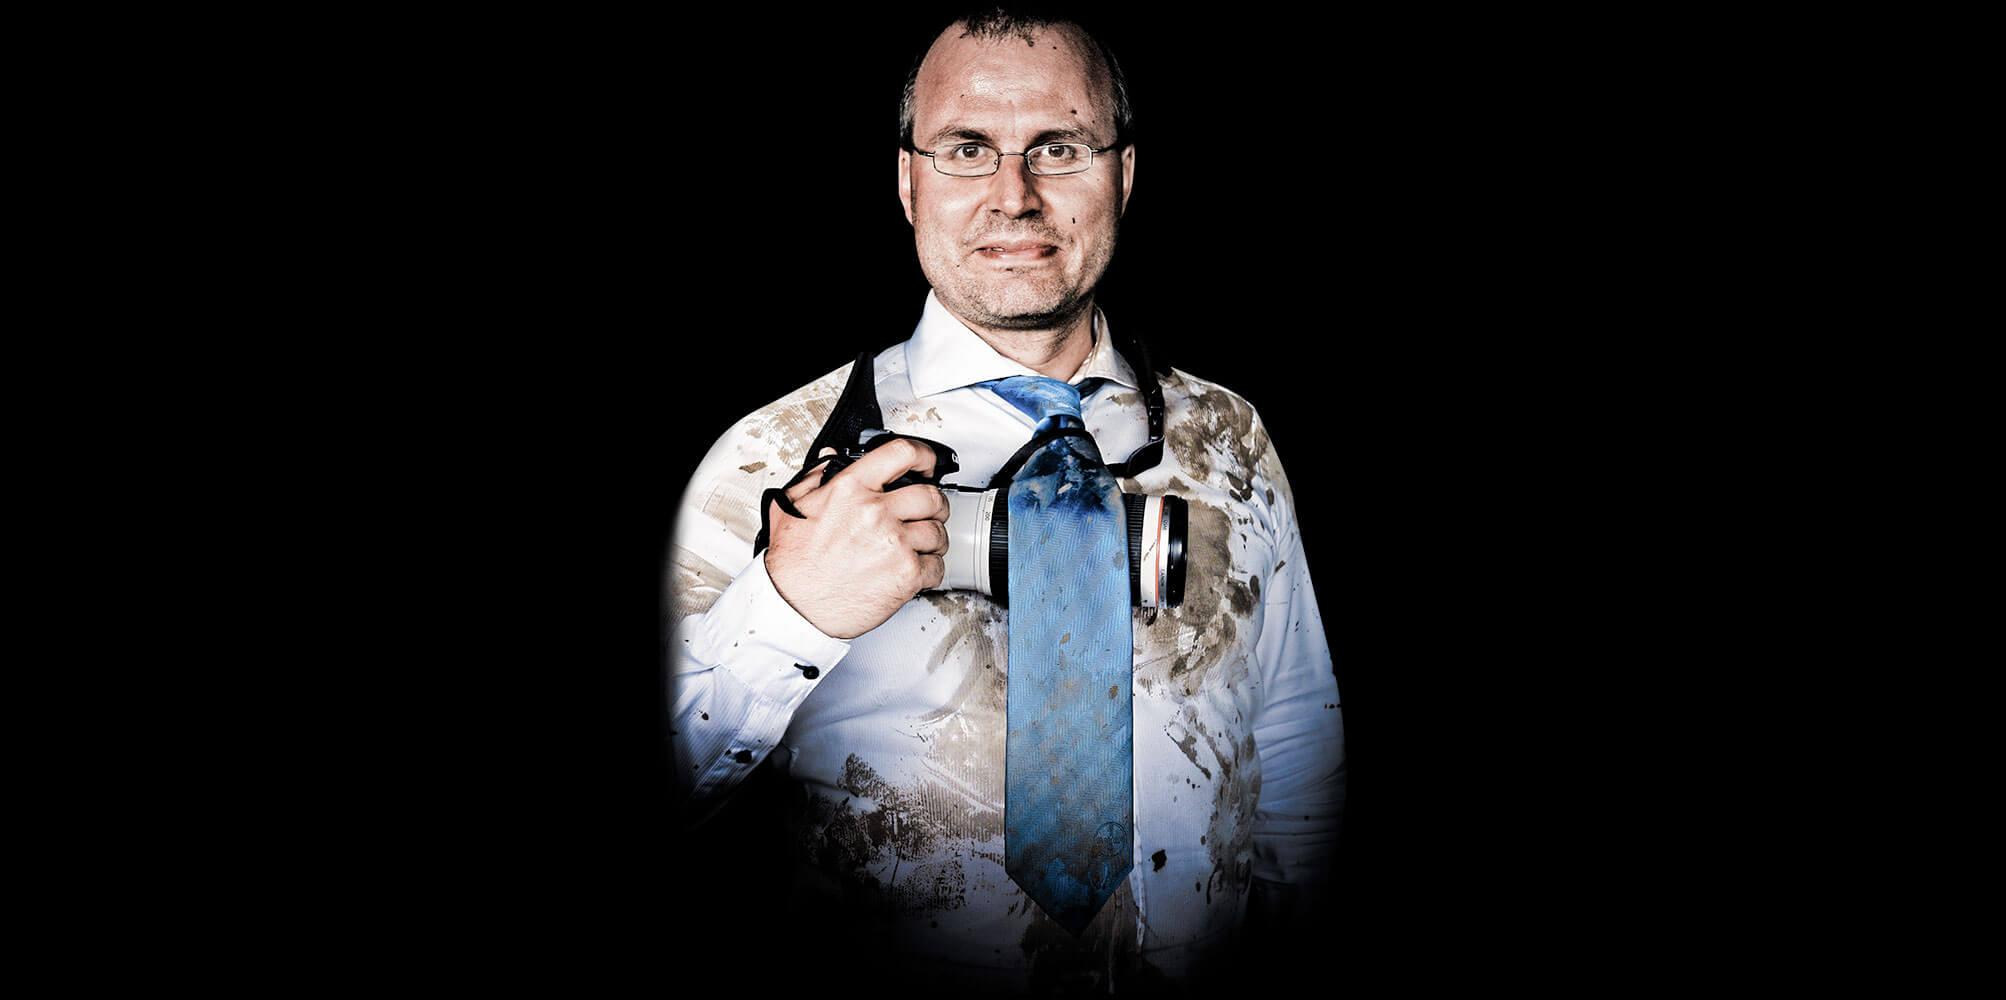 Matthias Gottwald mit feinem Hemd und Krawatte, die aber voller Schlamm sind.